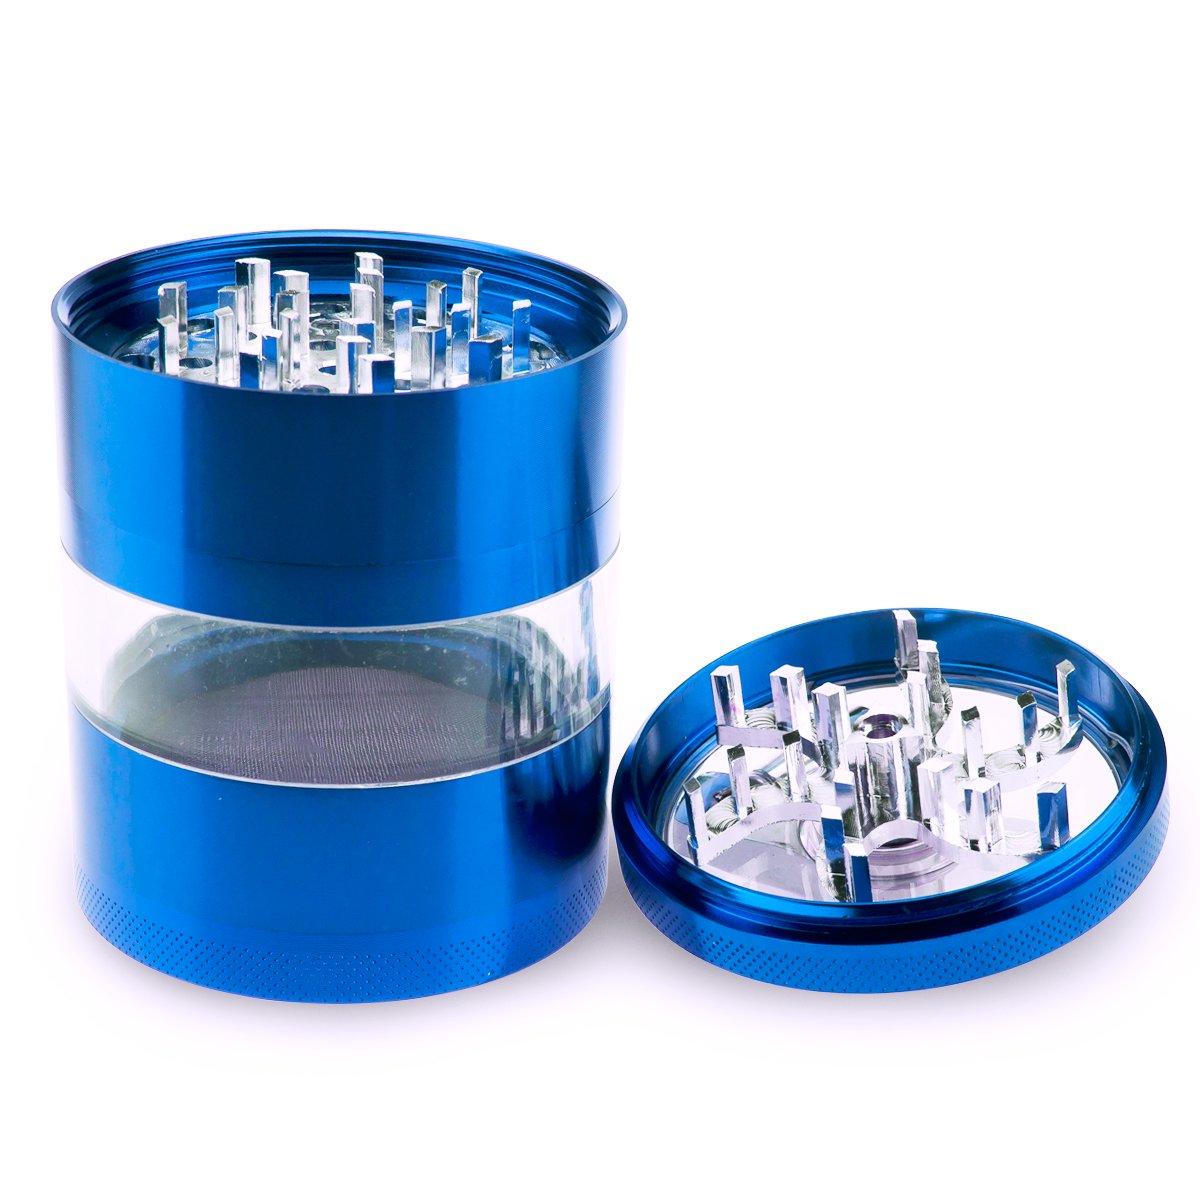 Aluminium blau Formax420 Kr/äuterm/ühle mit Kurbel 62mm 4-teilig 62MM